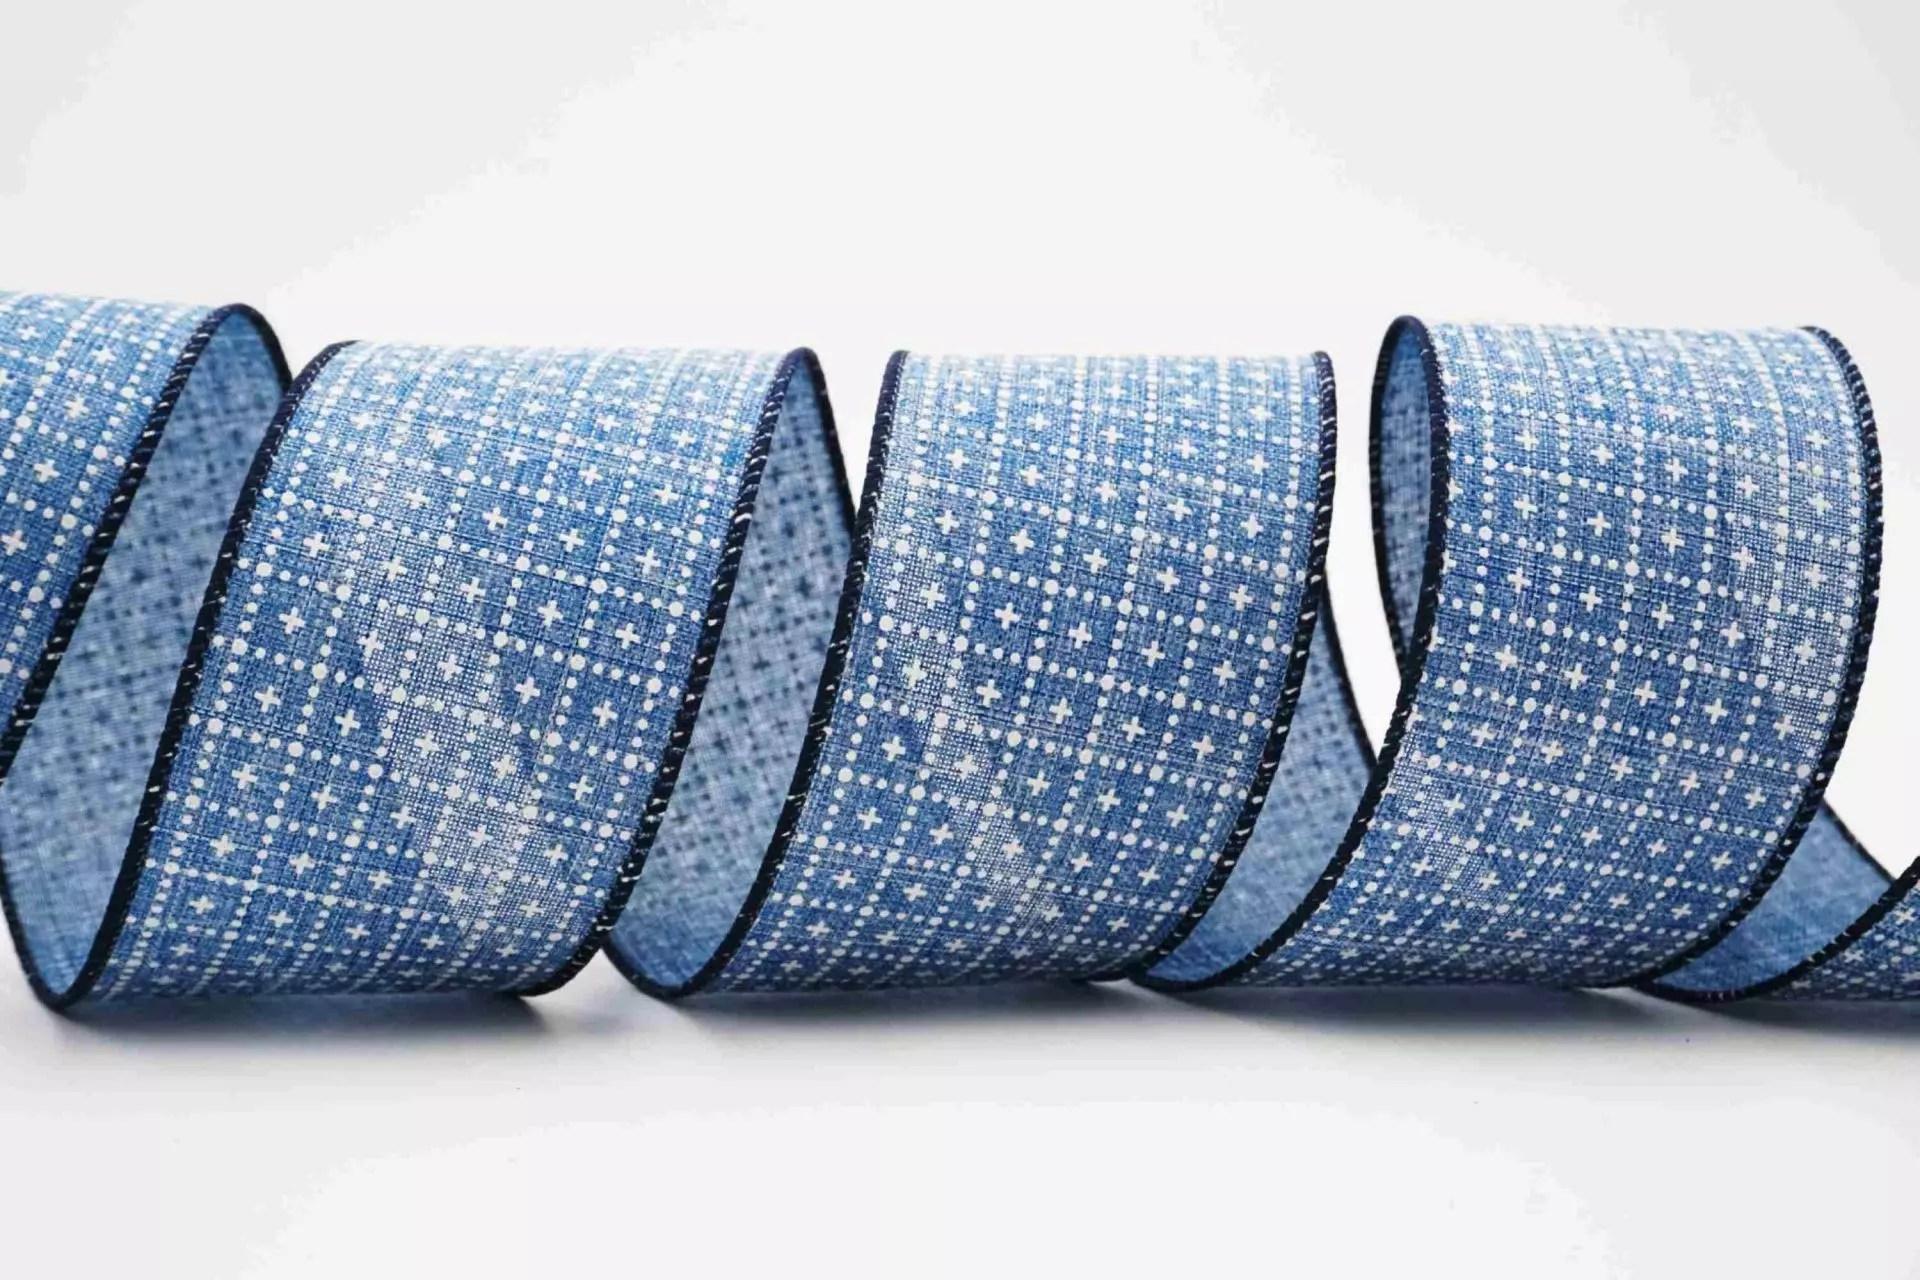 十字&點點圖案緞帶   臺灣高品質十字&點點圖案緞帶製造商   縉陽企業有限公司